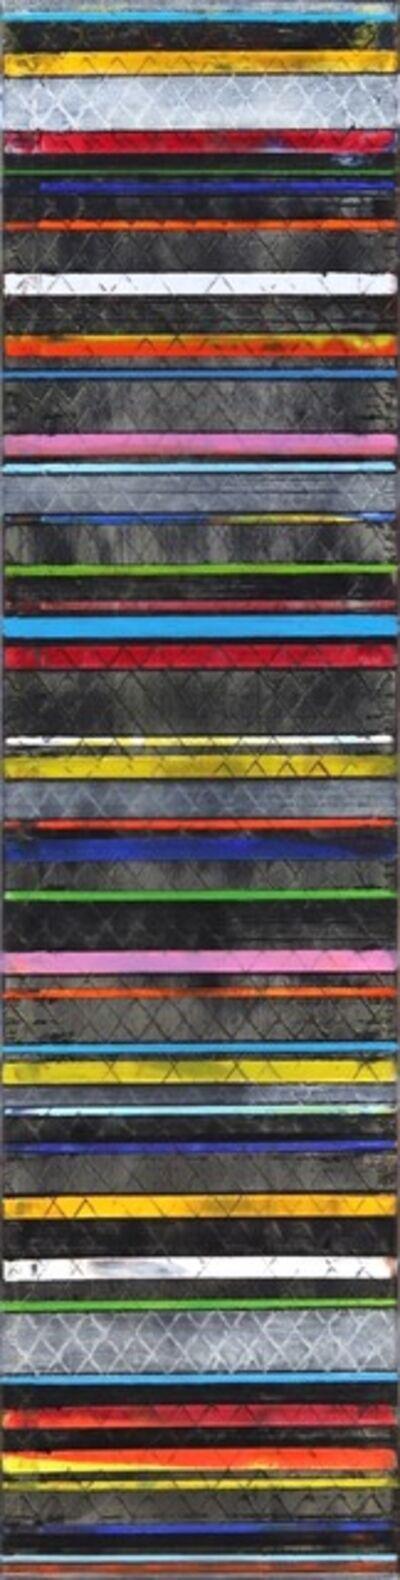 Petra Rös-Nickel, 'Colour Lines In Black', 2020